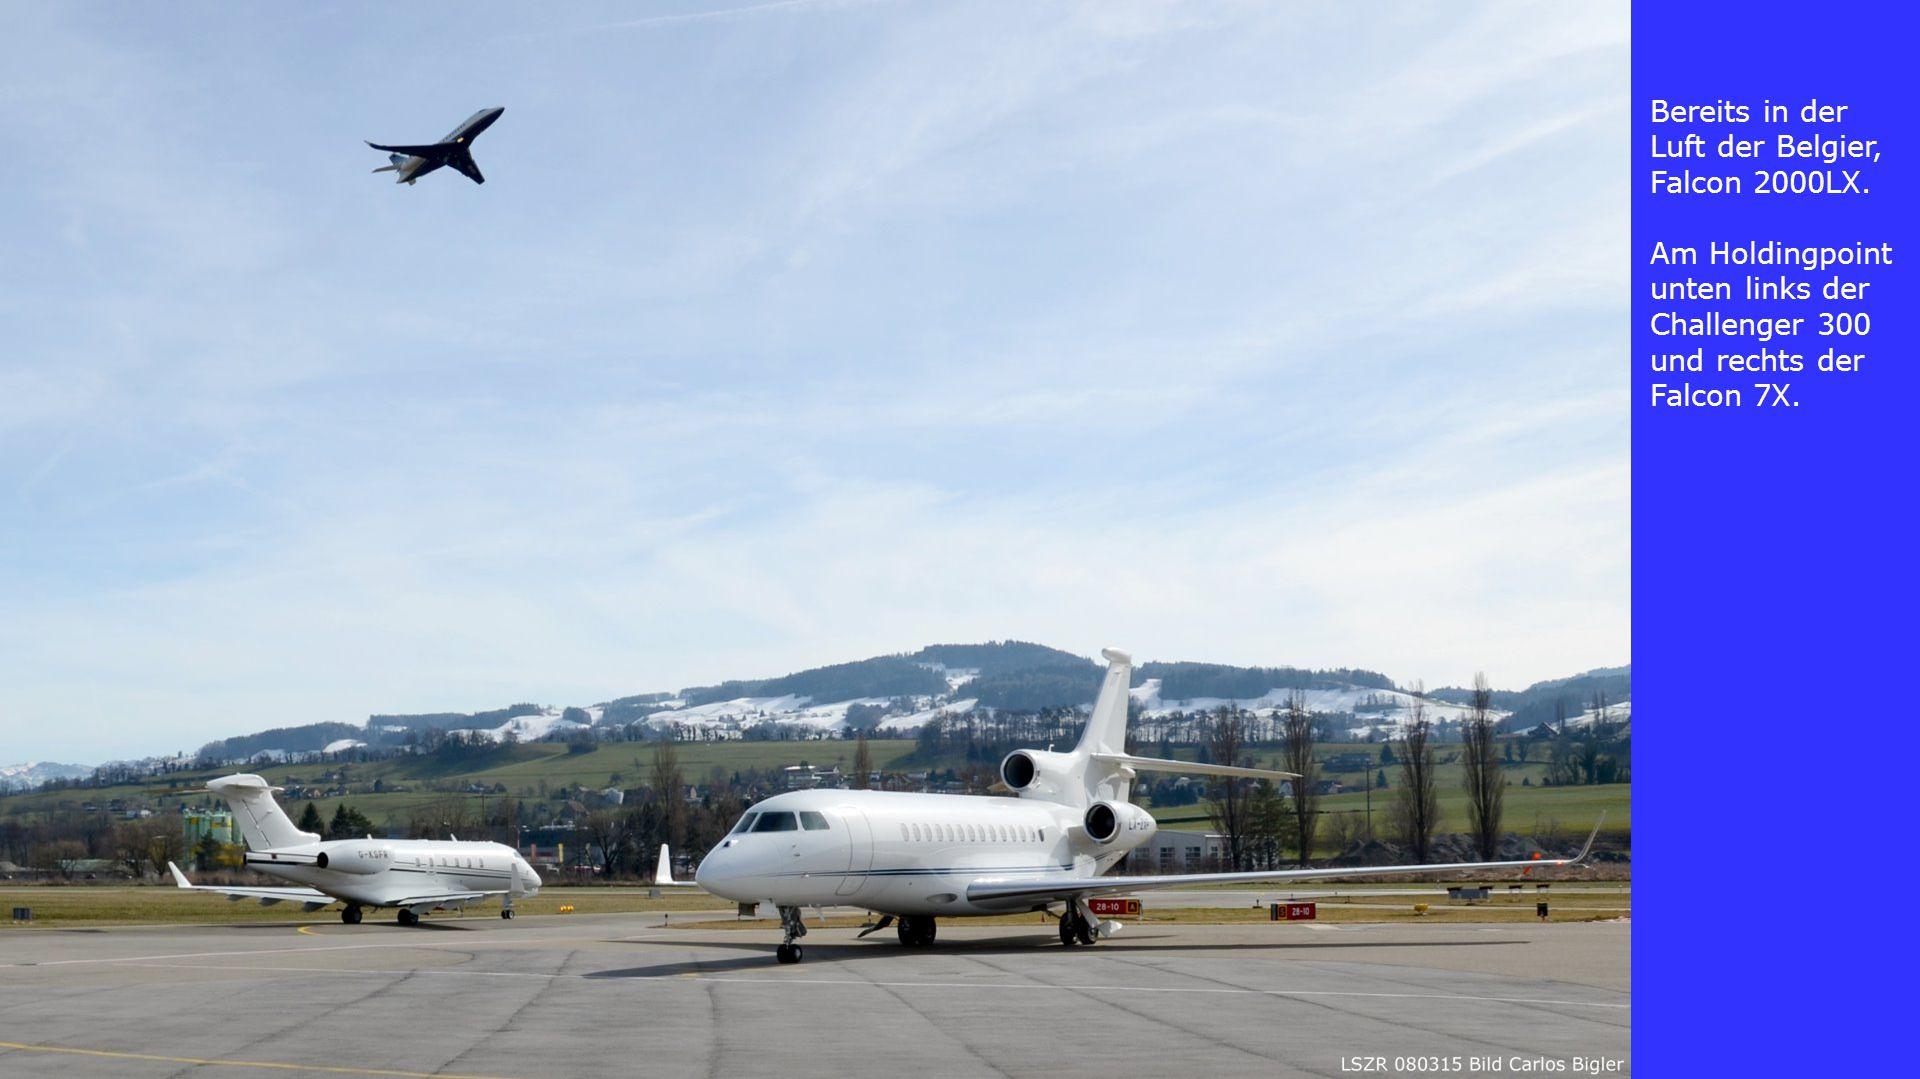 Bereits in der Luft der Belgier, Falcon 2000LX. Am Holdingpoint unten links der Challenger 300 und rechts der Falcon 7X.